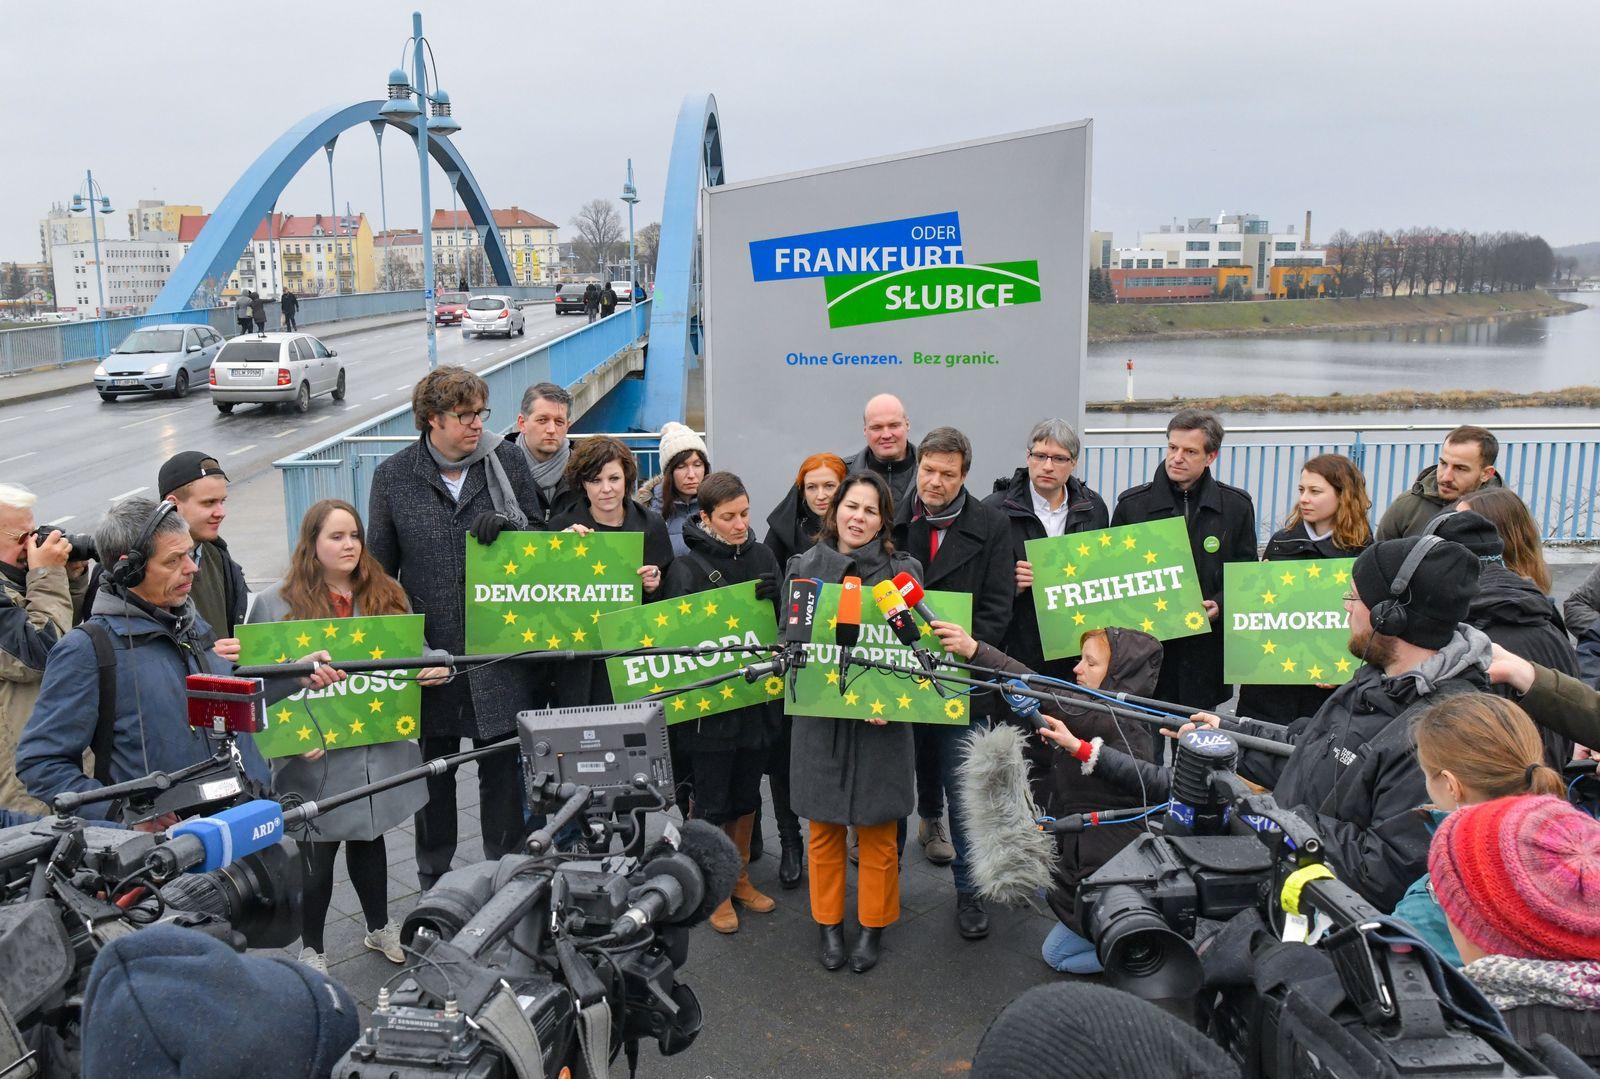 Die Grünen in Frankfurt (Oder)